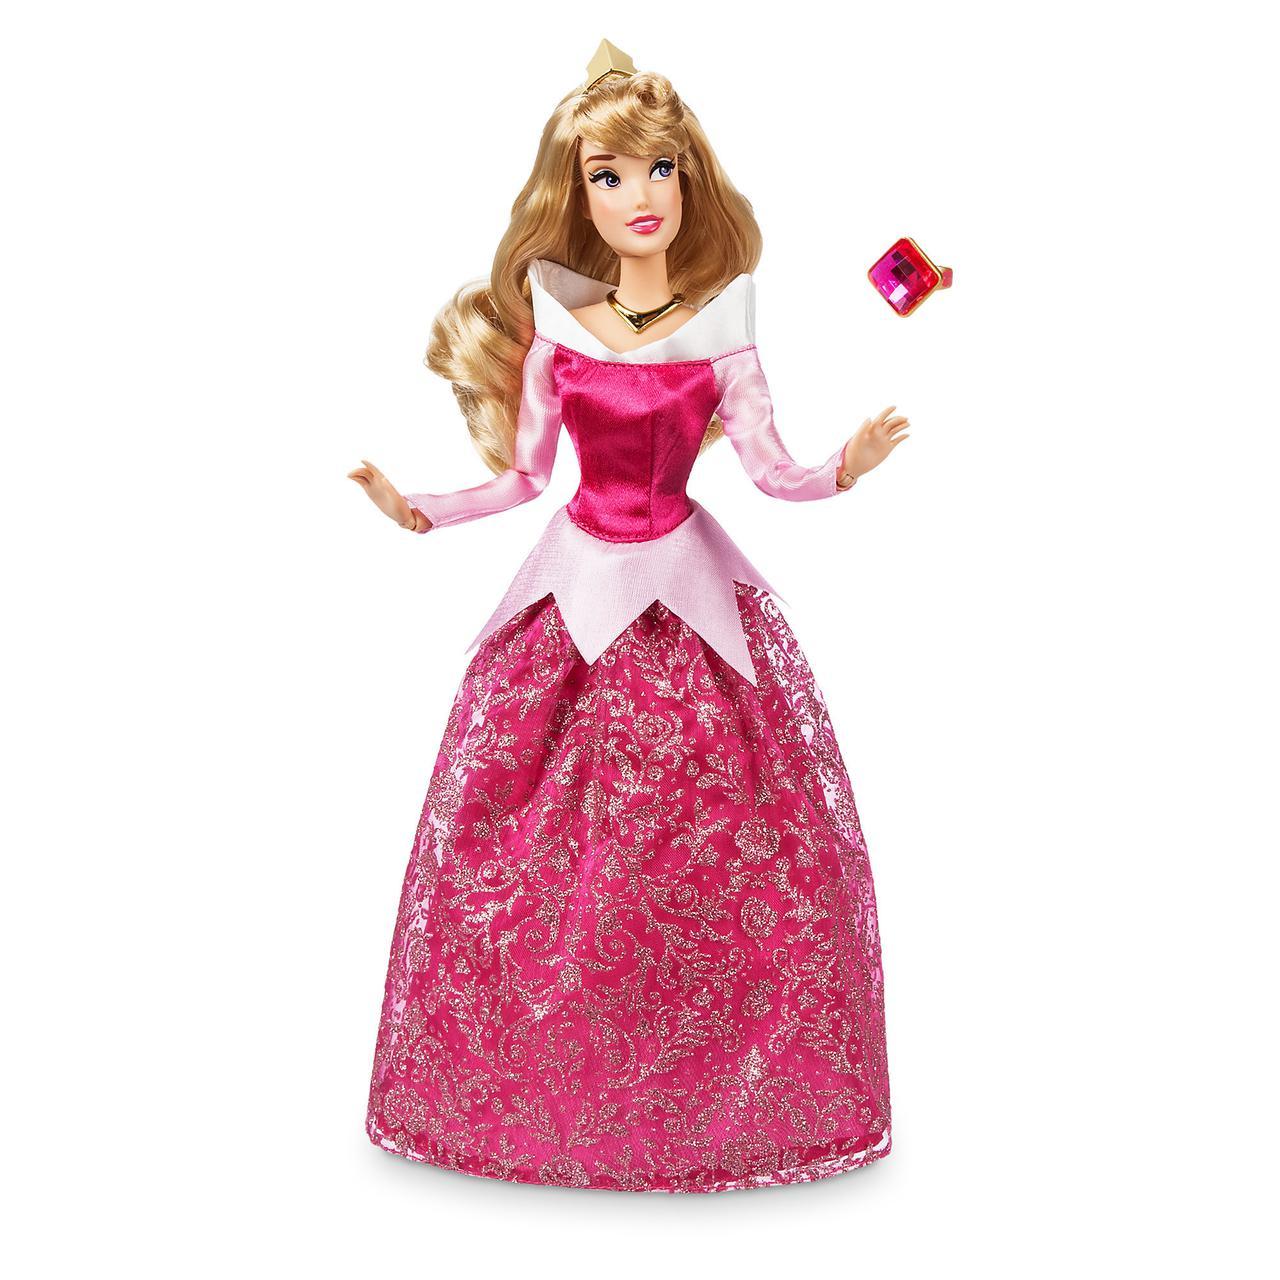 Кукла Аврора с драгоценным кольцом - Aurora принцесса Дисней куклы Disney